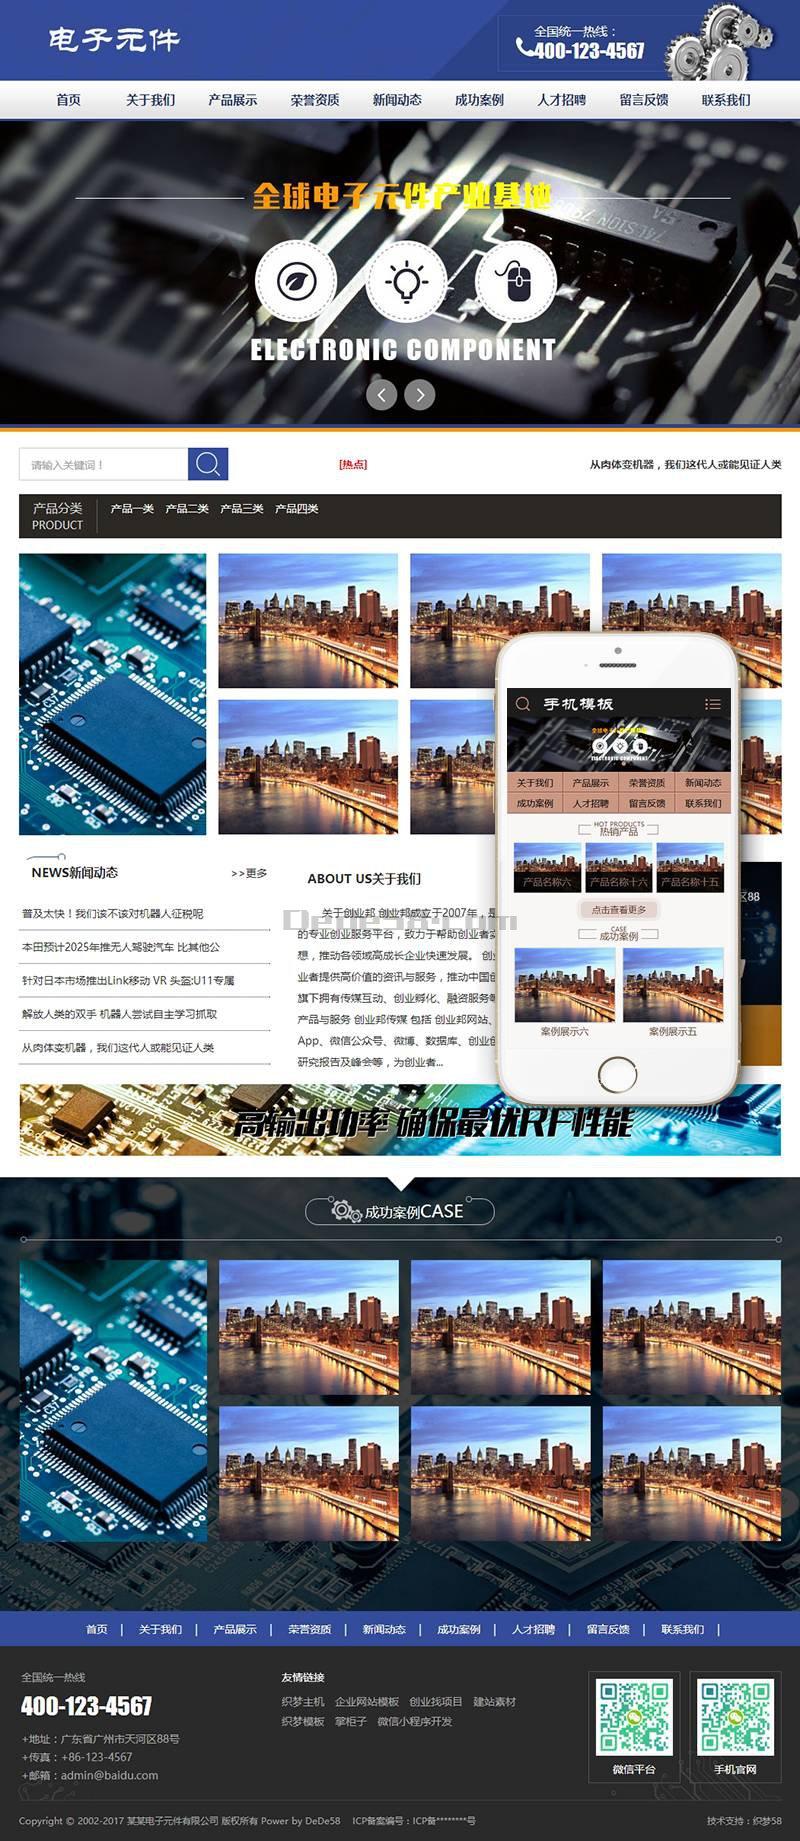 电子元件工程工具类网站织梦模板PC+手机移动端+利于SEO优化